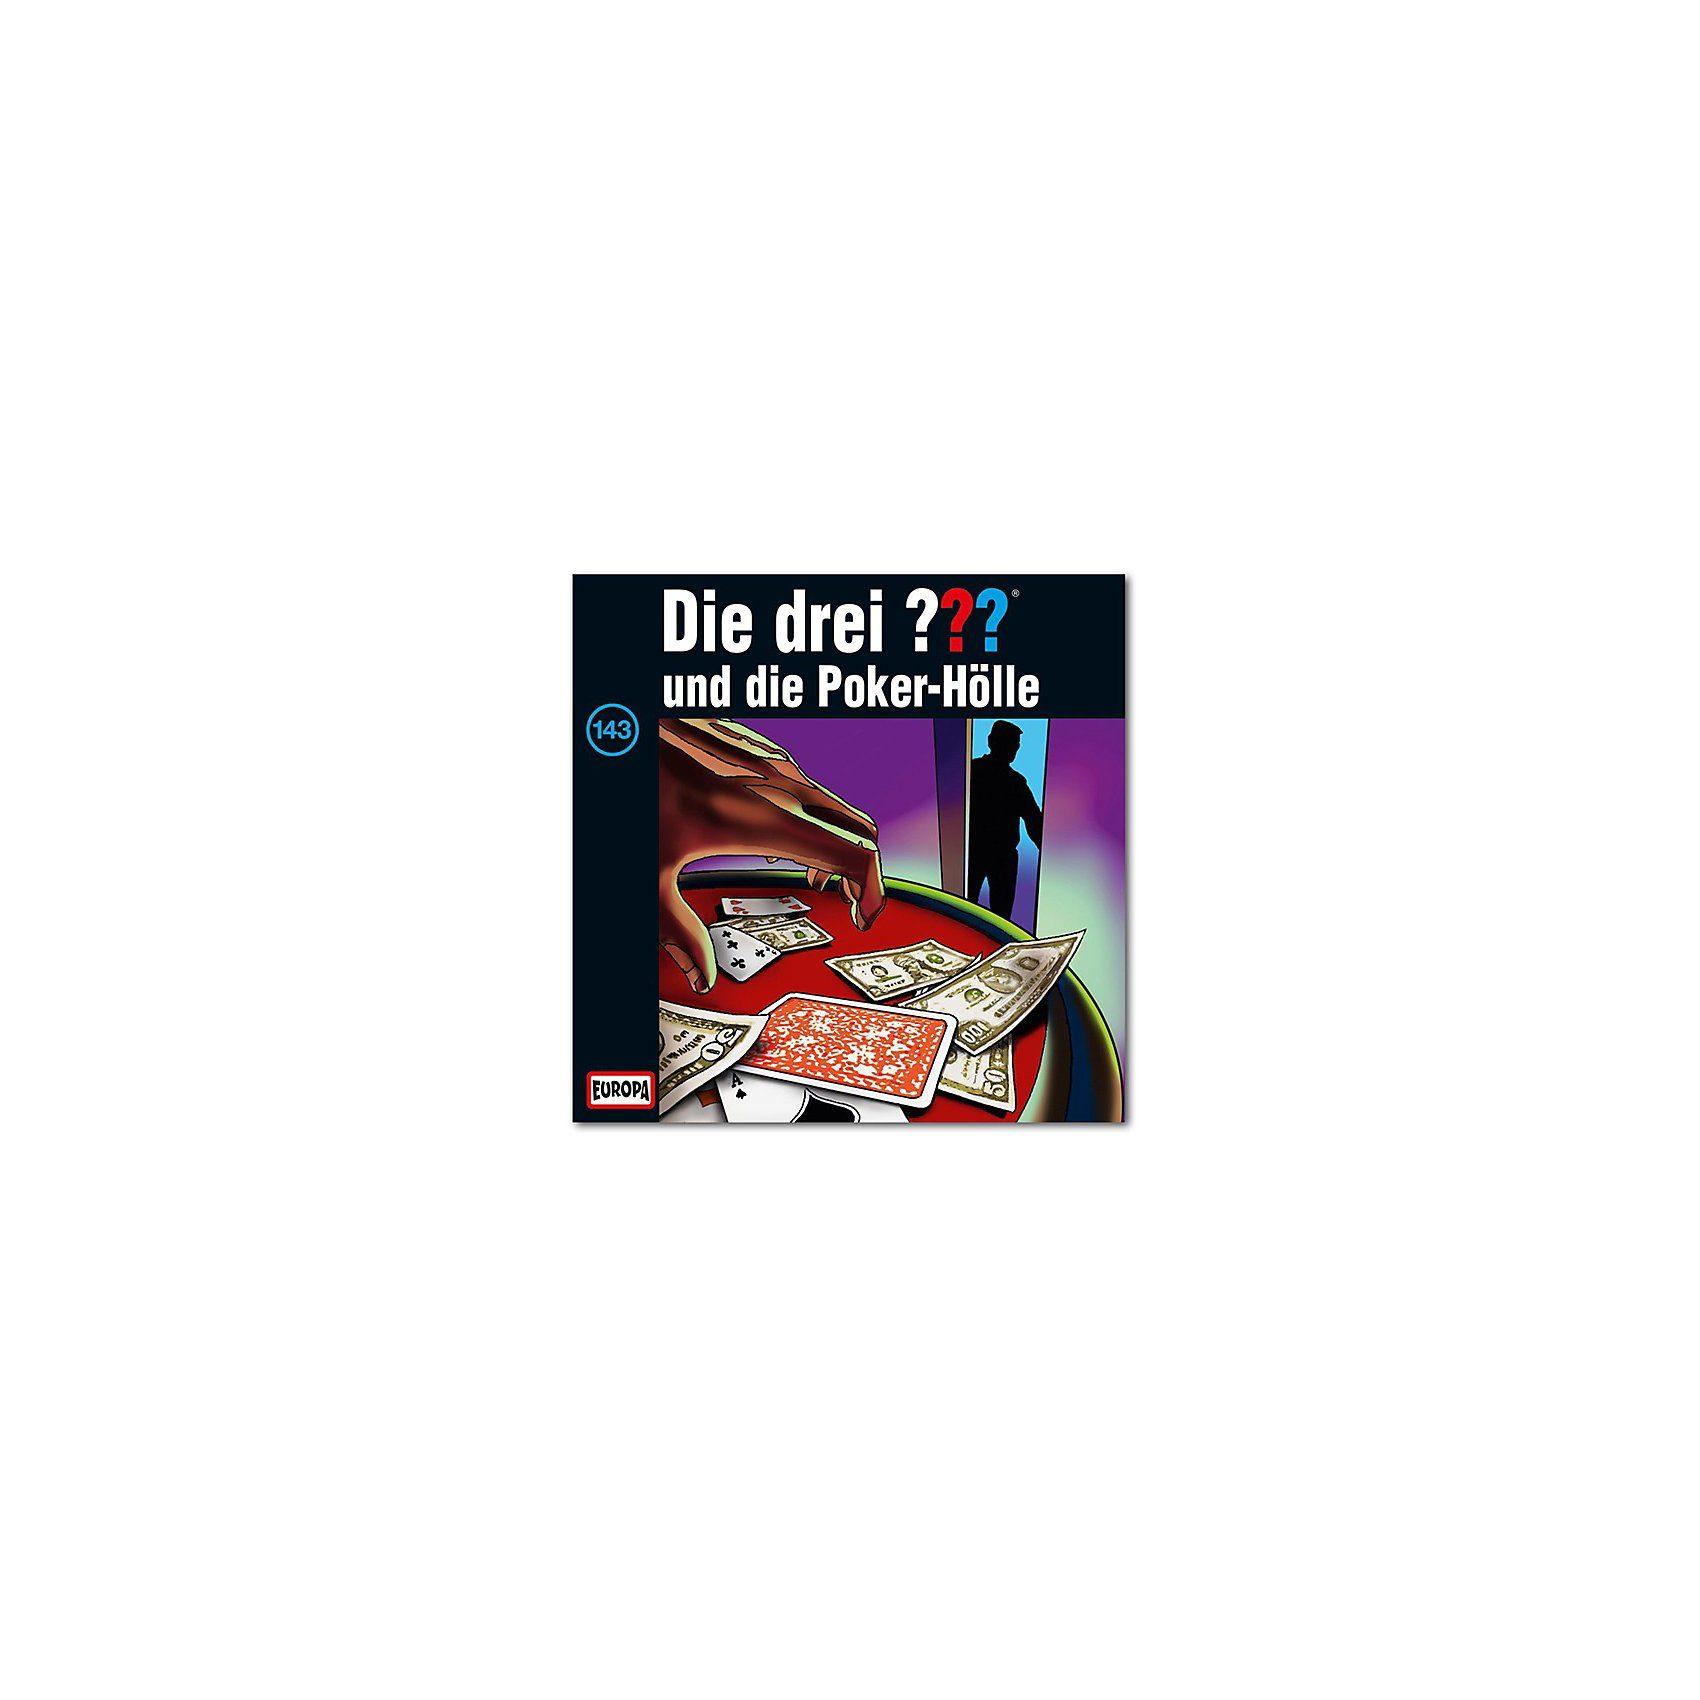 SONY BMG MUSIC CD Die Drei ??? 143 -und die Poker Hölle